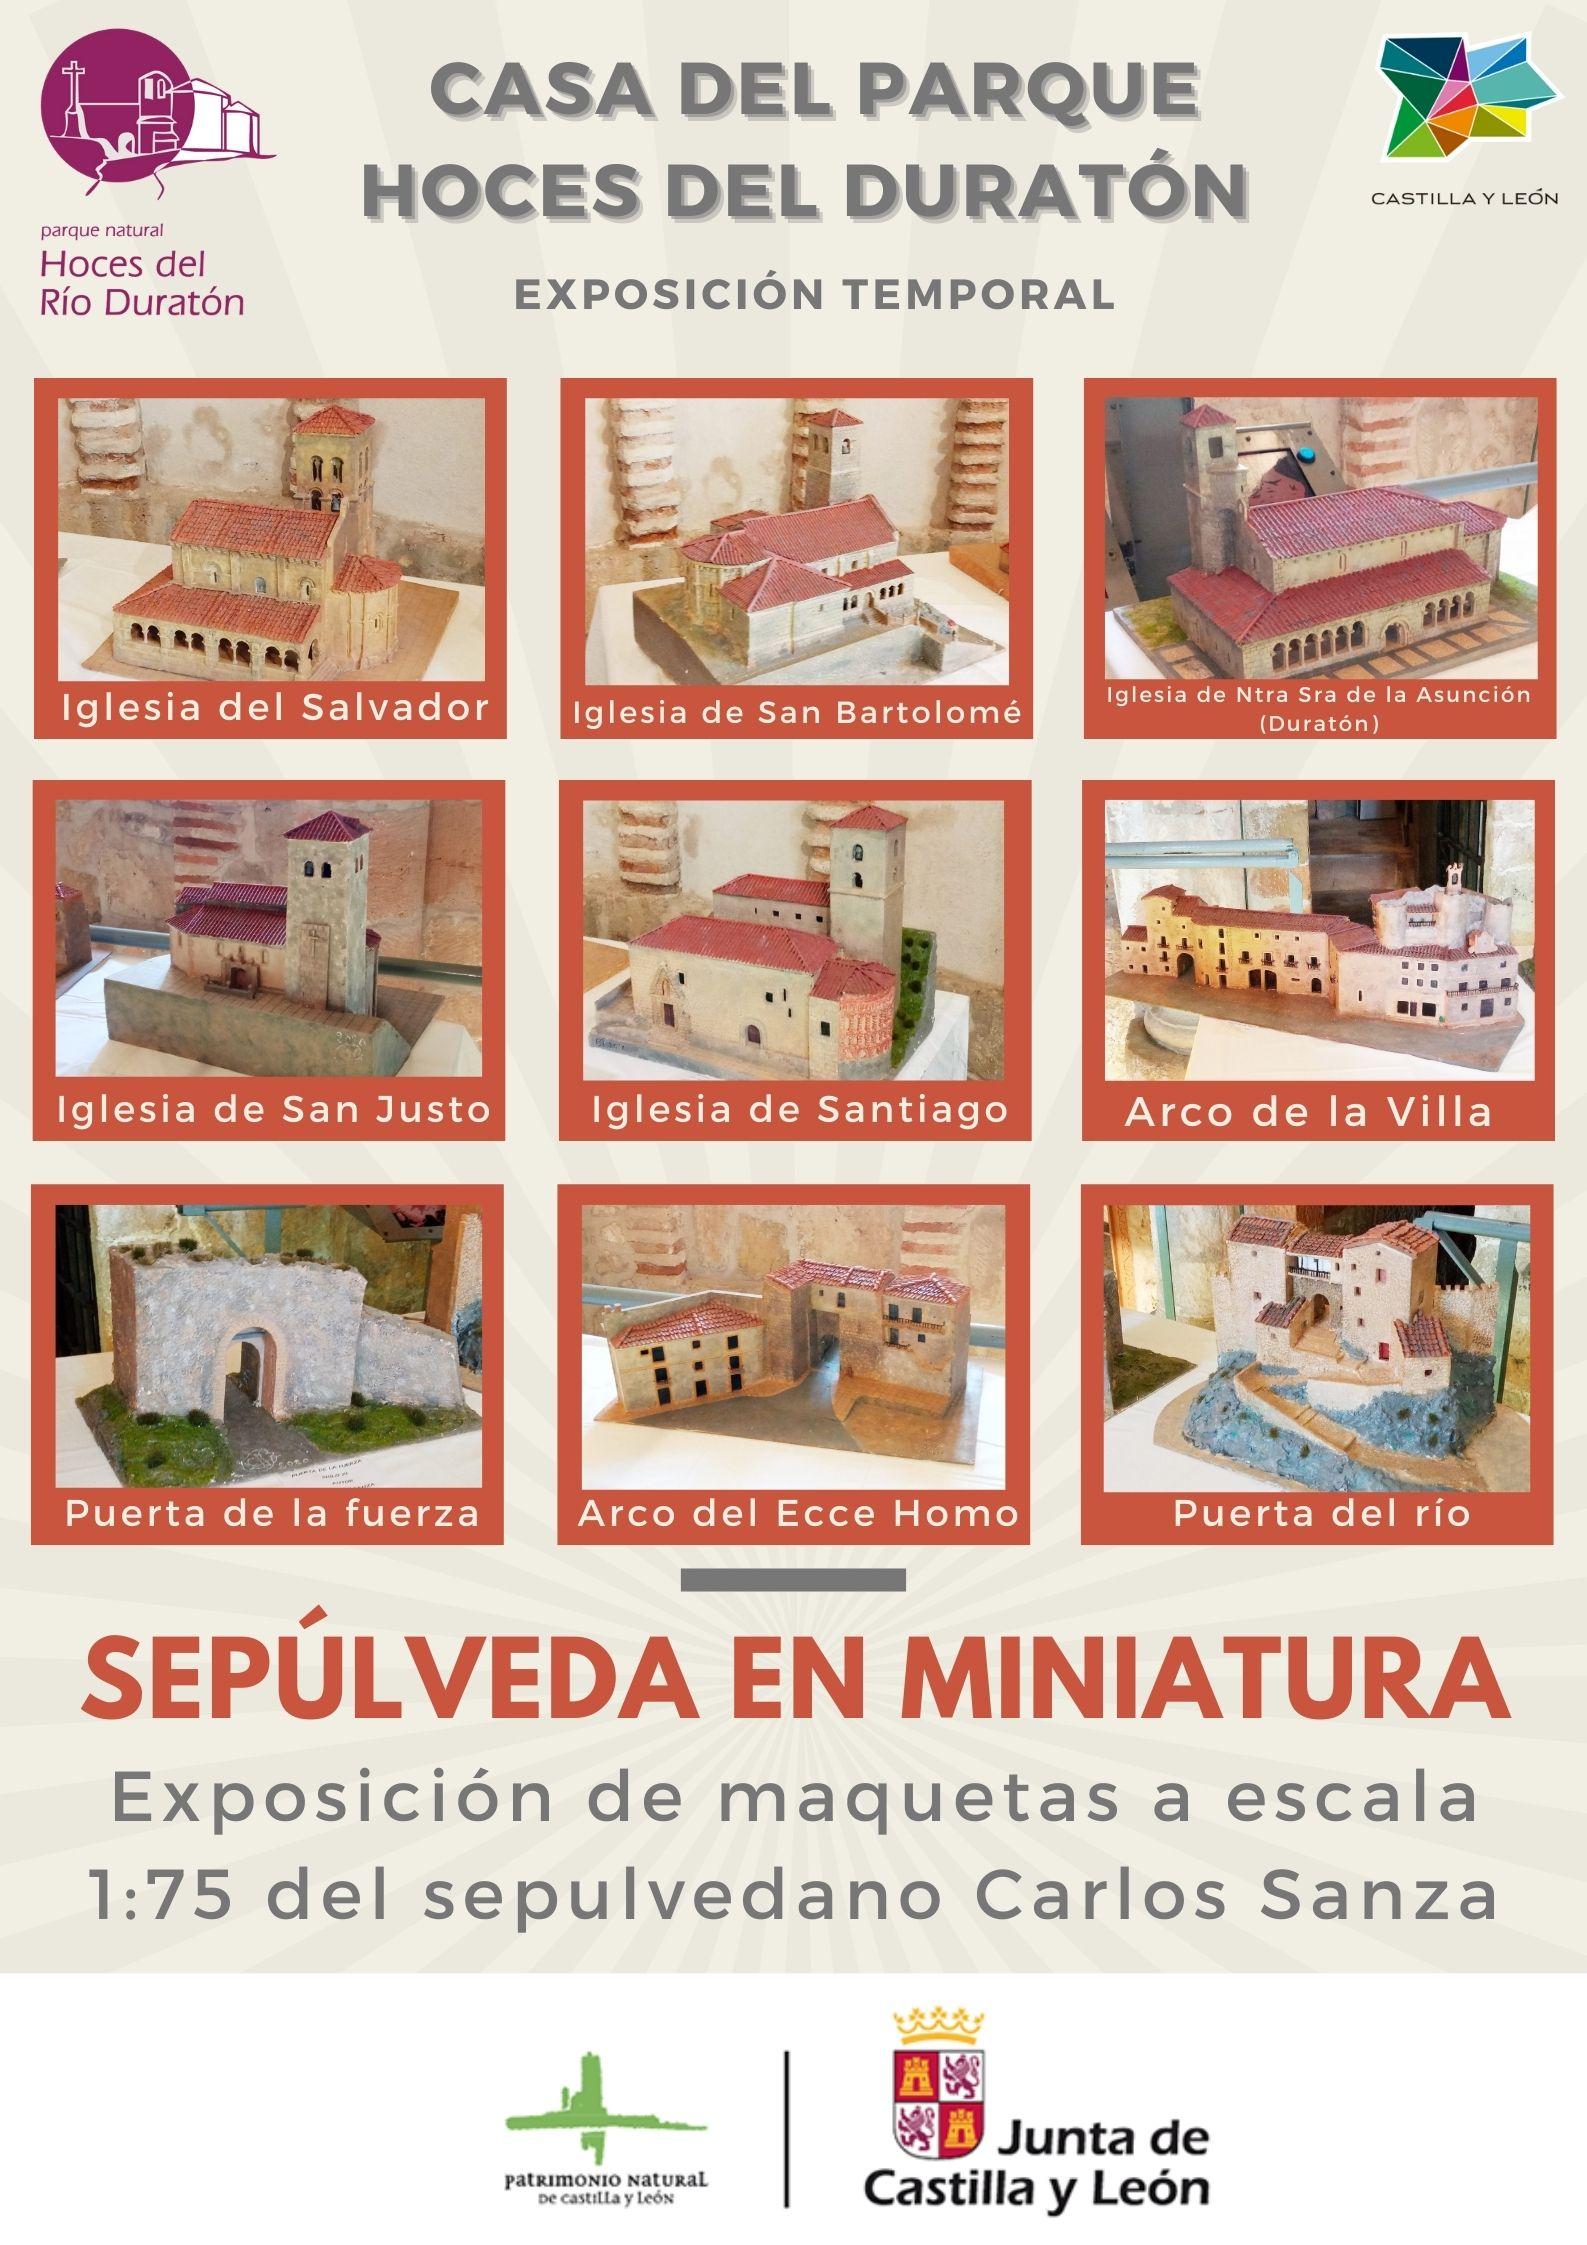 Exhibition_Sepúlveda_en_miniature_de_Carlos_Sanza.jpg